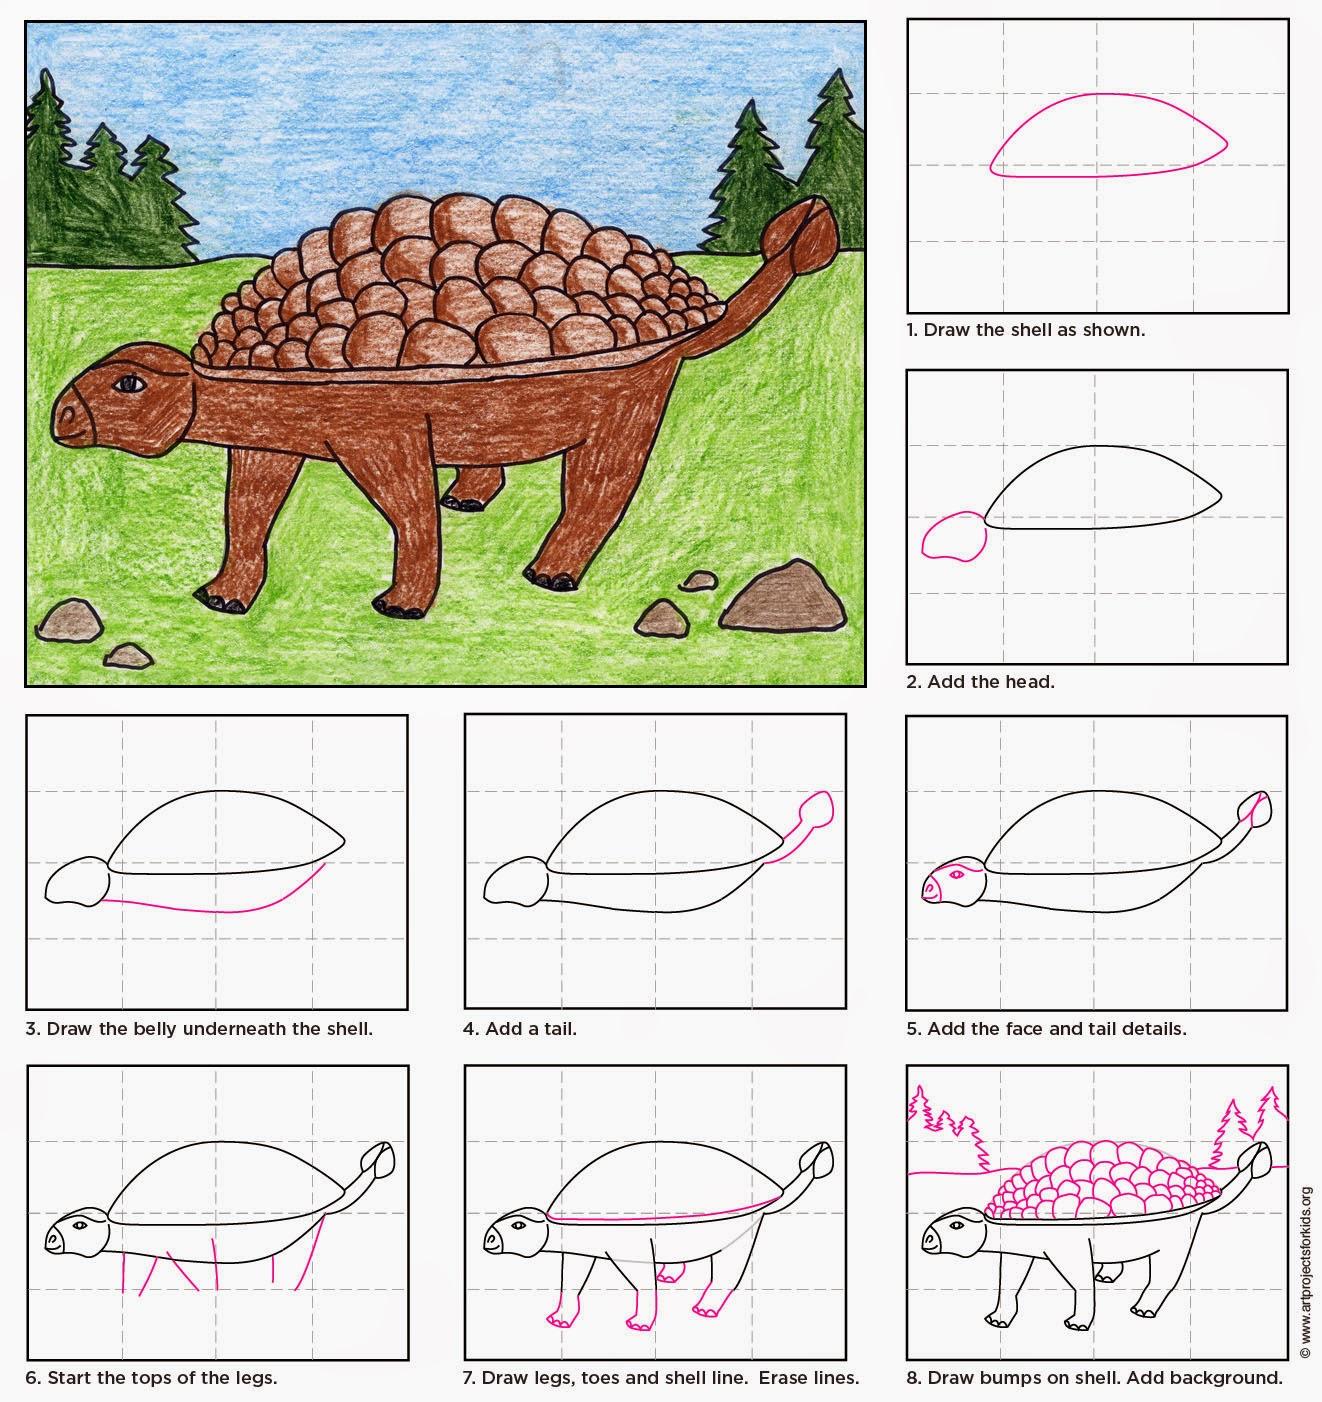 http://2.bp.blogspot.com/-r5eHGS9Kulk/U9PXZWXEDFI/AAAAAAAAUMU/KeHBG-NEMW0/s1600/Ankylosaurus+Post.jpg